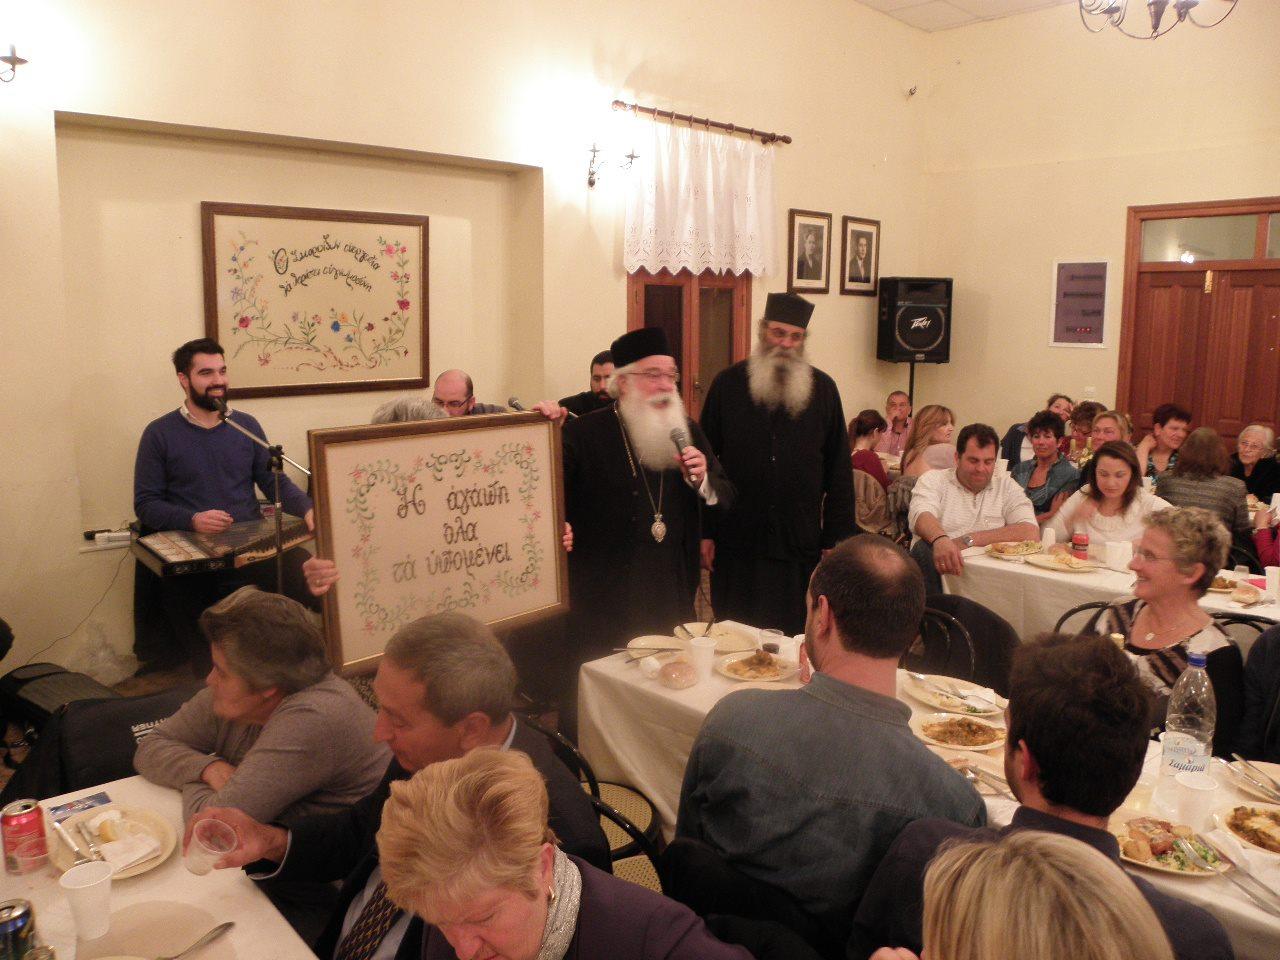 Από την επίσκεψη του Σεβασμιώτατου Μητροπολίτη Δημητριάδος και Αλμυρού κ.Ιγνάτιος στις 4-7 Μαρτίου 2016